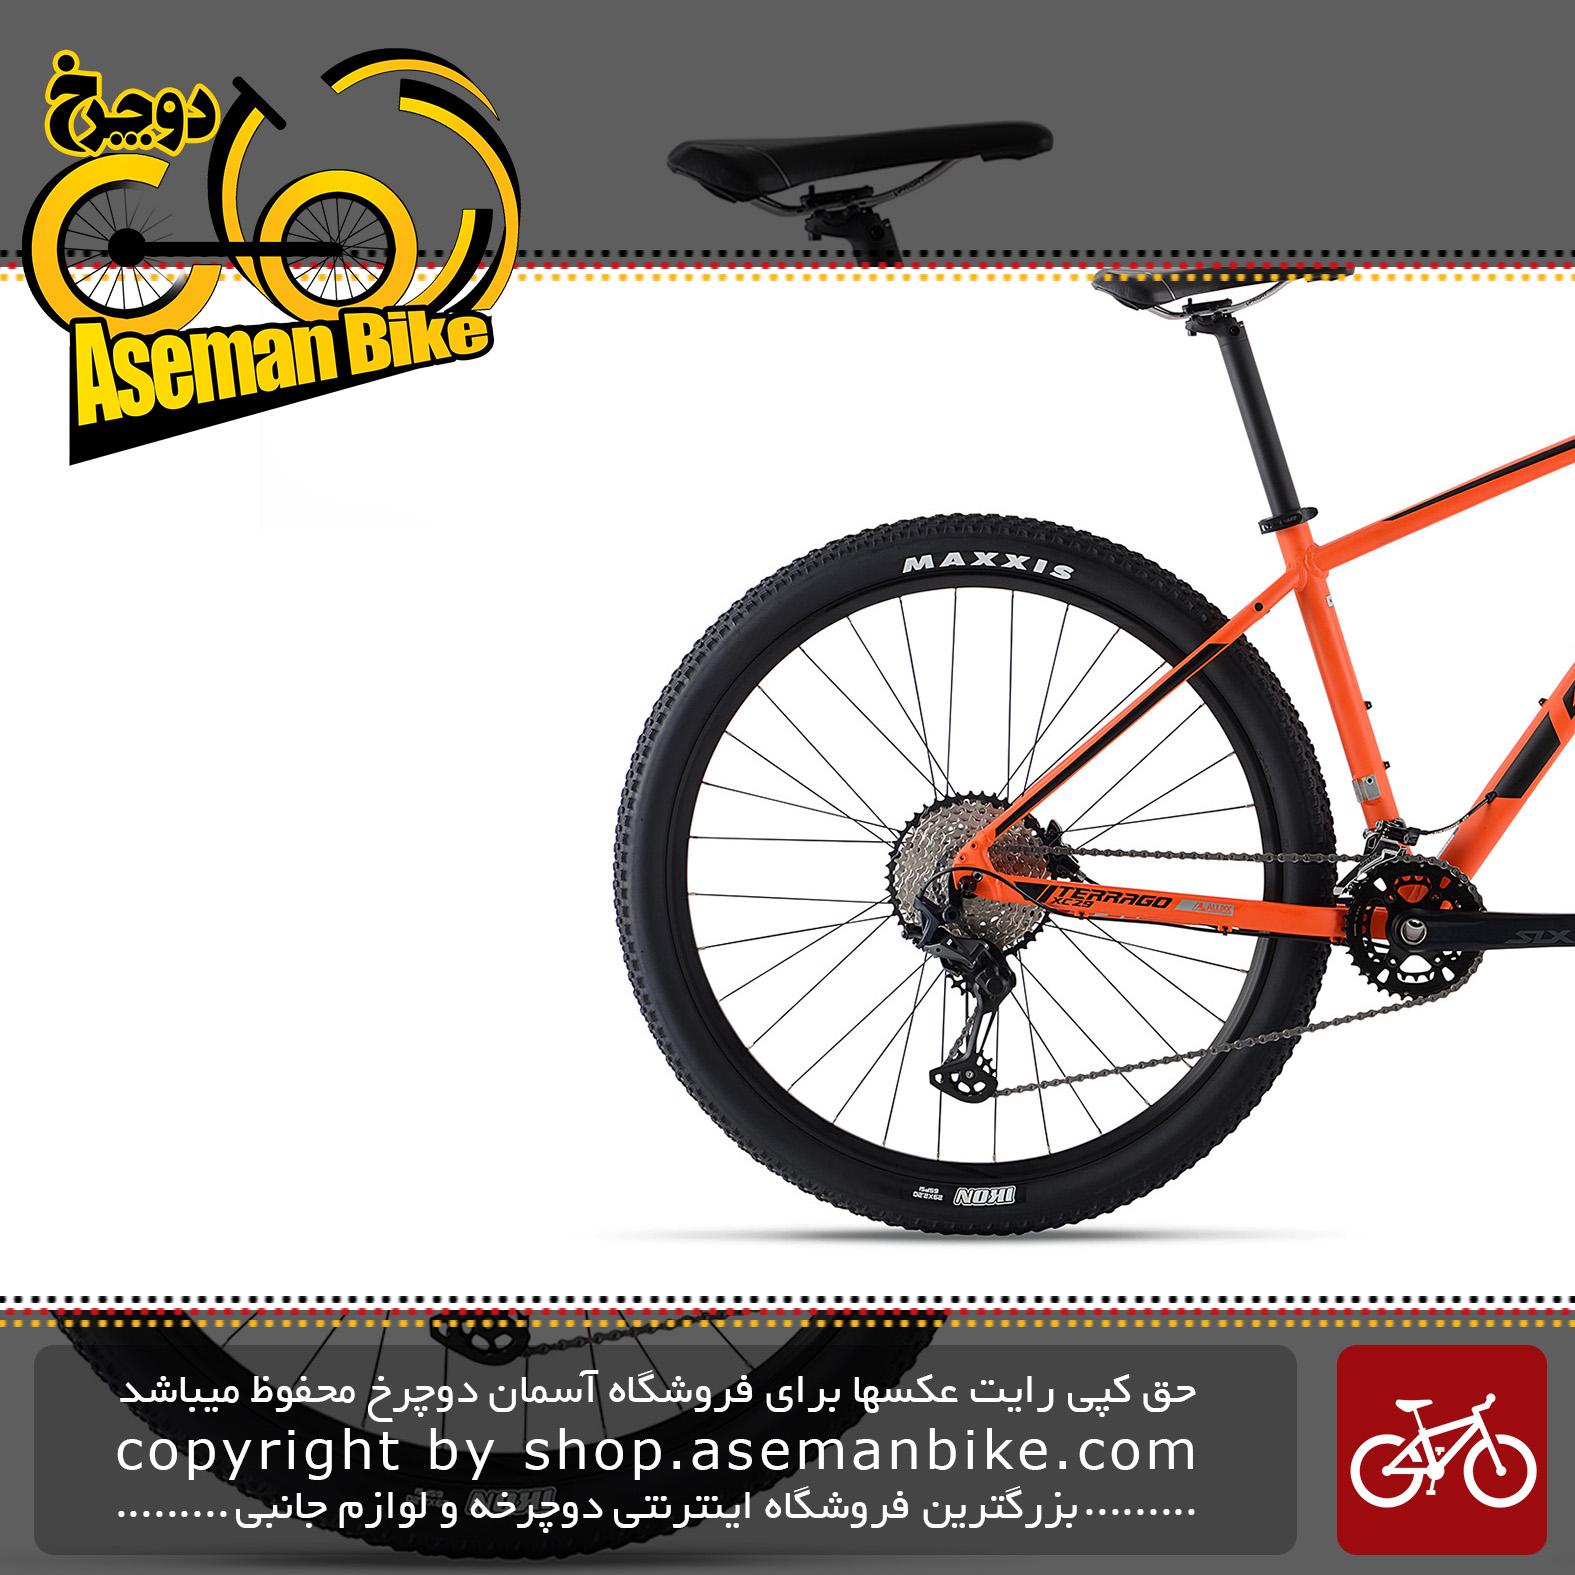 دوچرخه کوهستان جاینت مدل تراگو 29 اینچ 2 2020 Giant Mountain Bicycle Terrago 29 2 2020